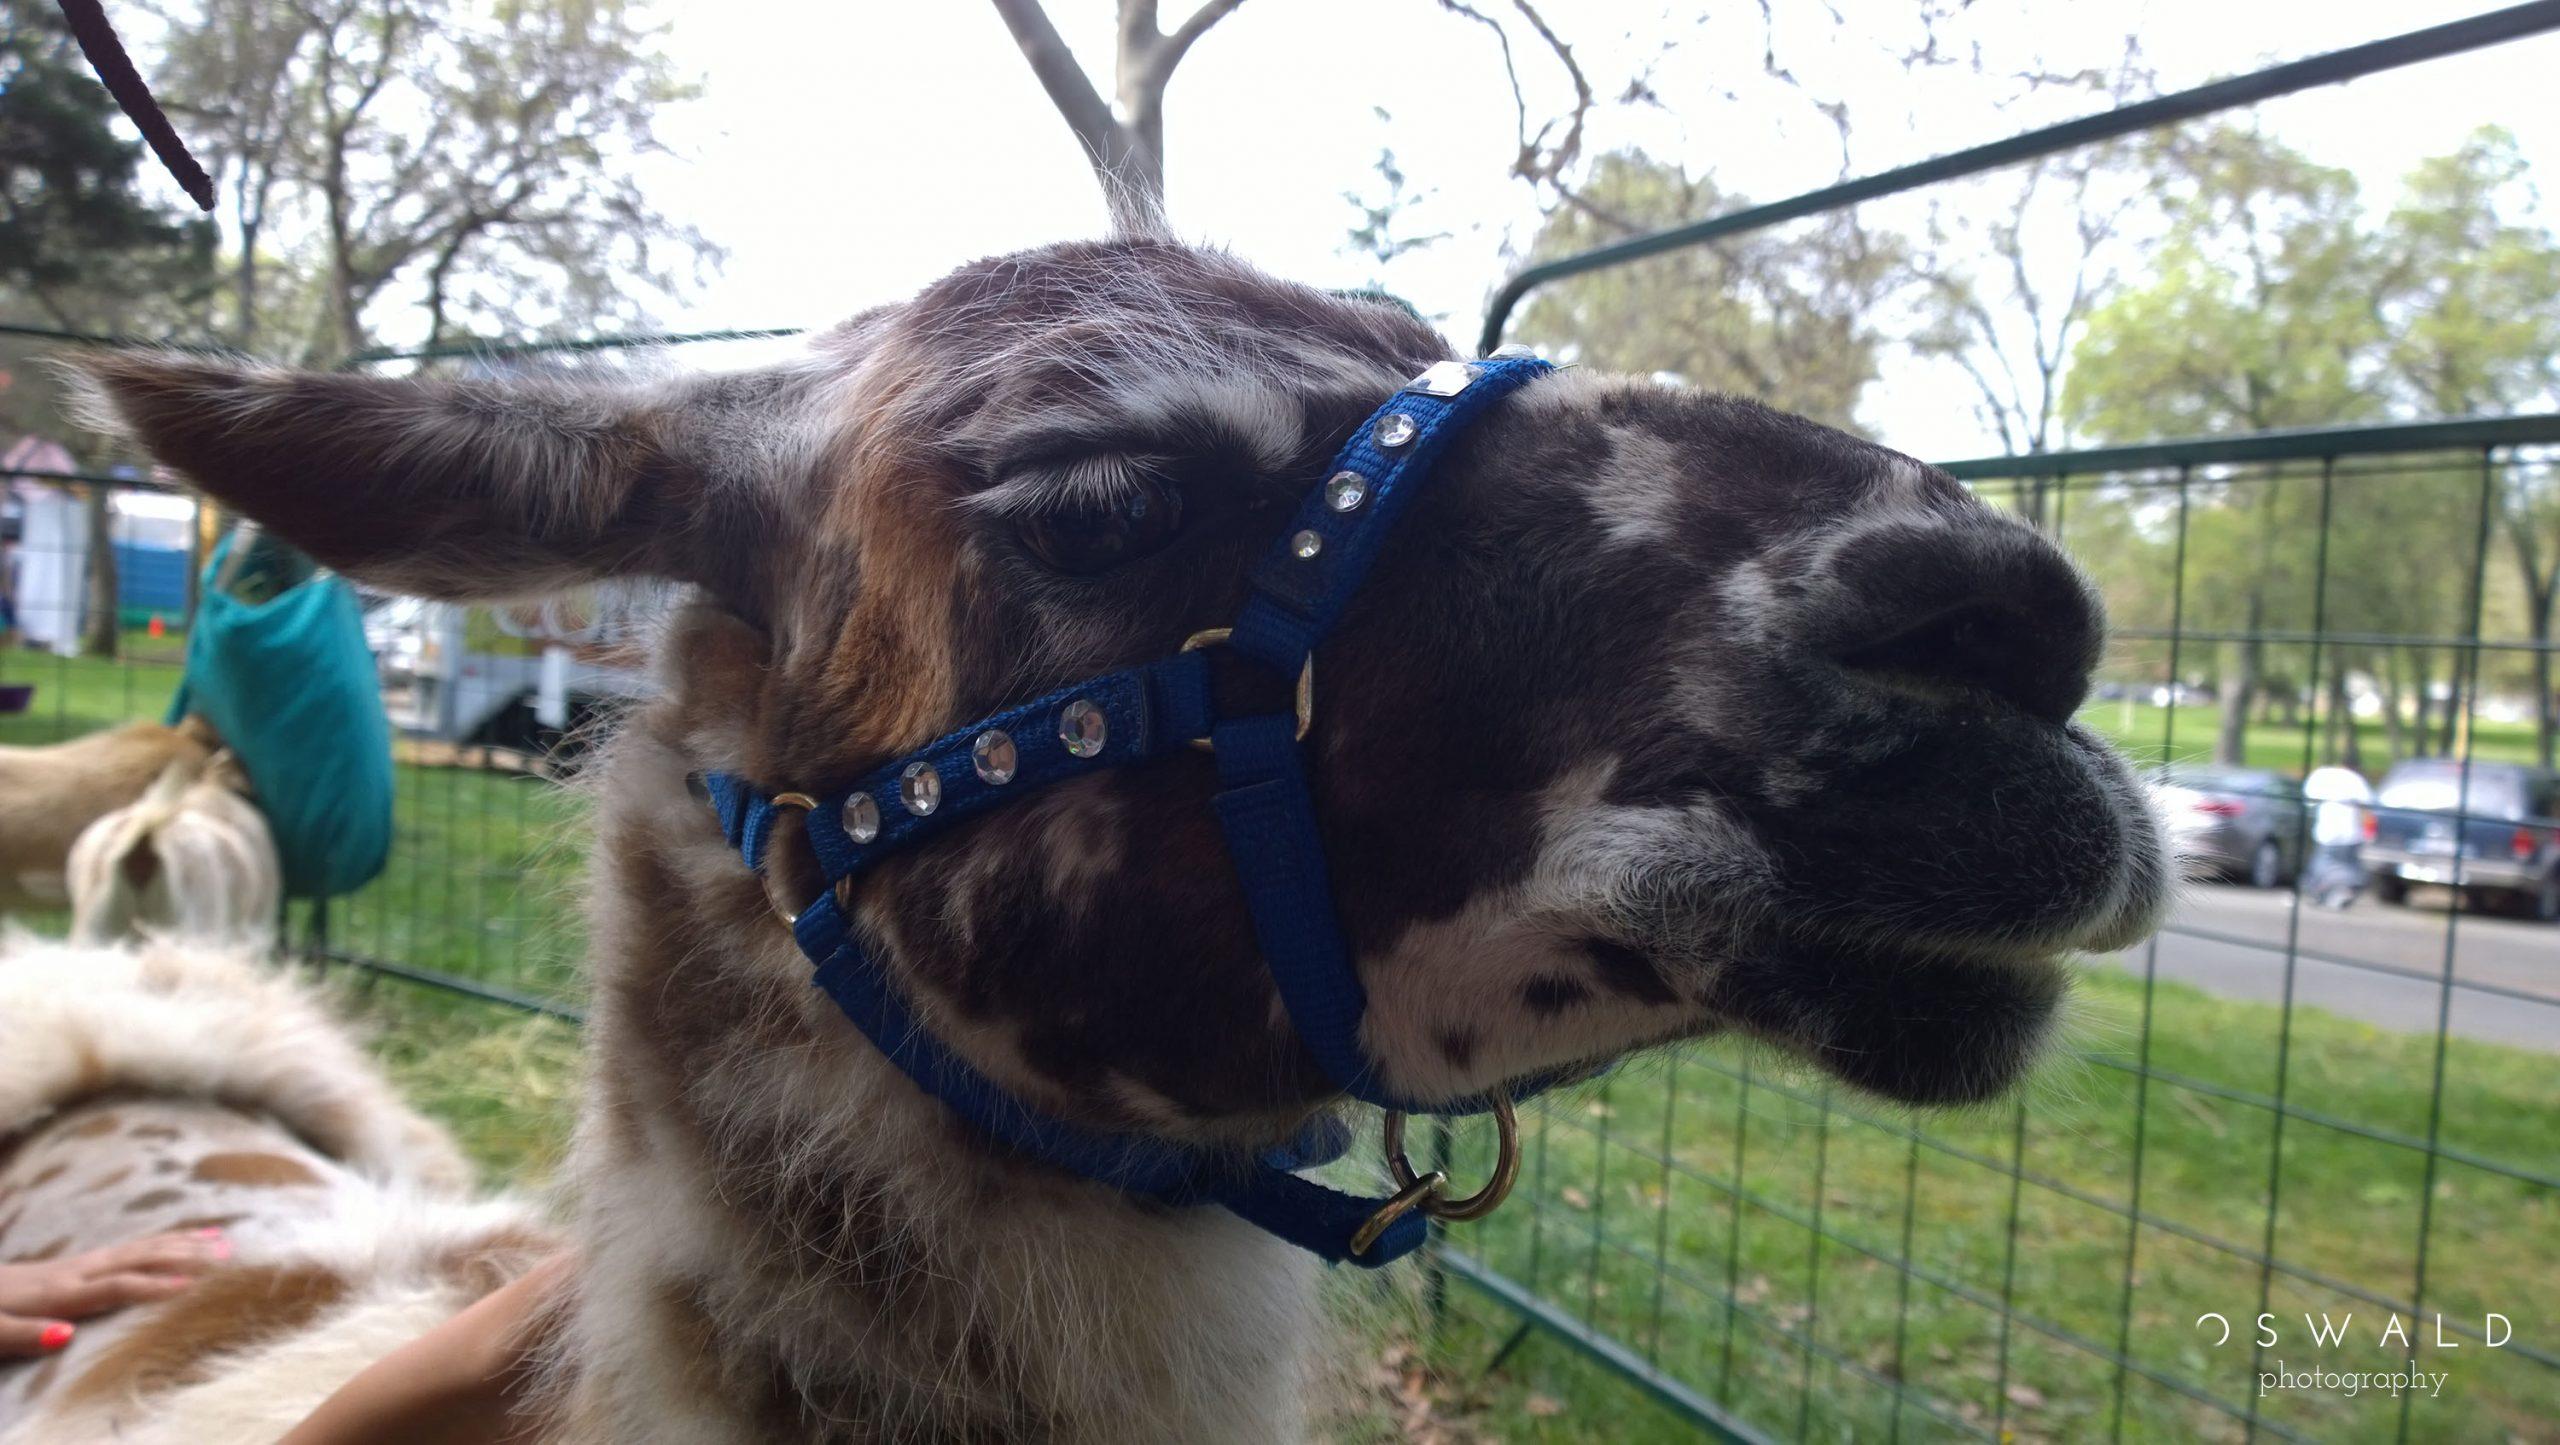 Photograph of a llama on display at a petting zoo